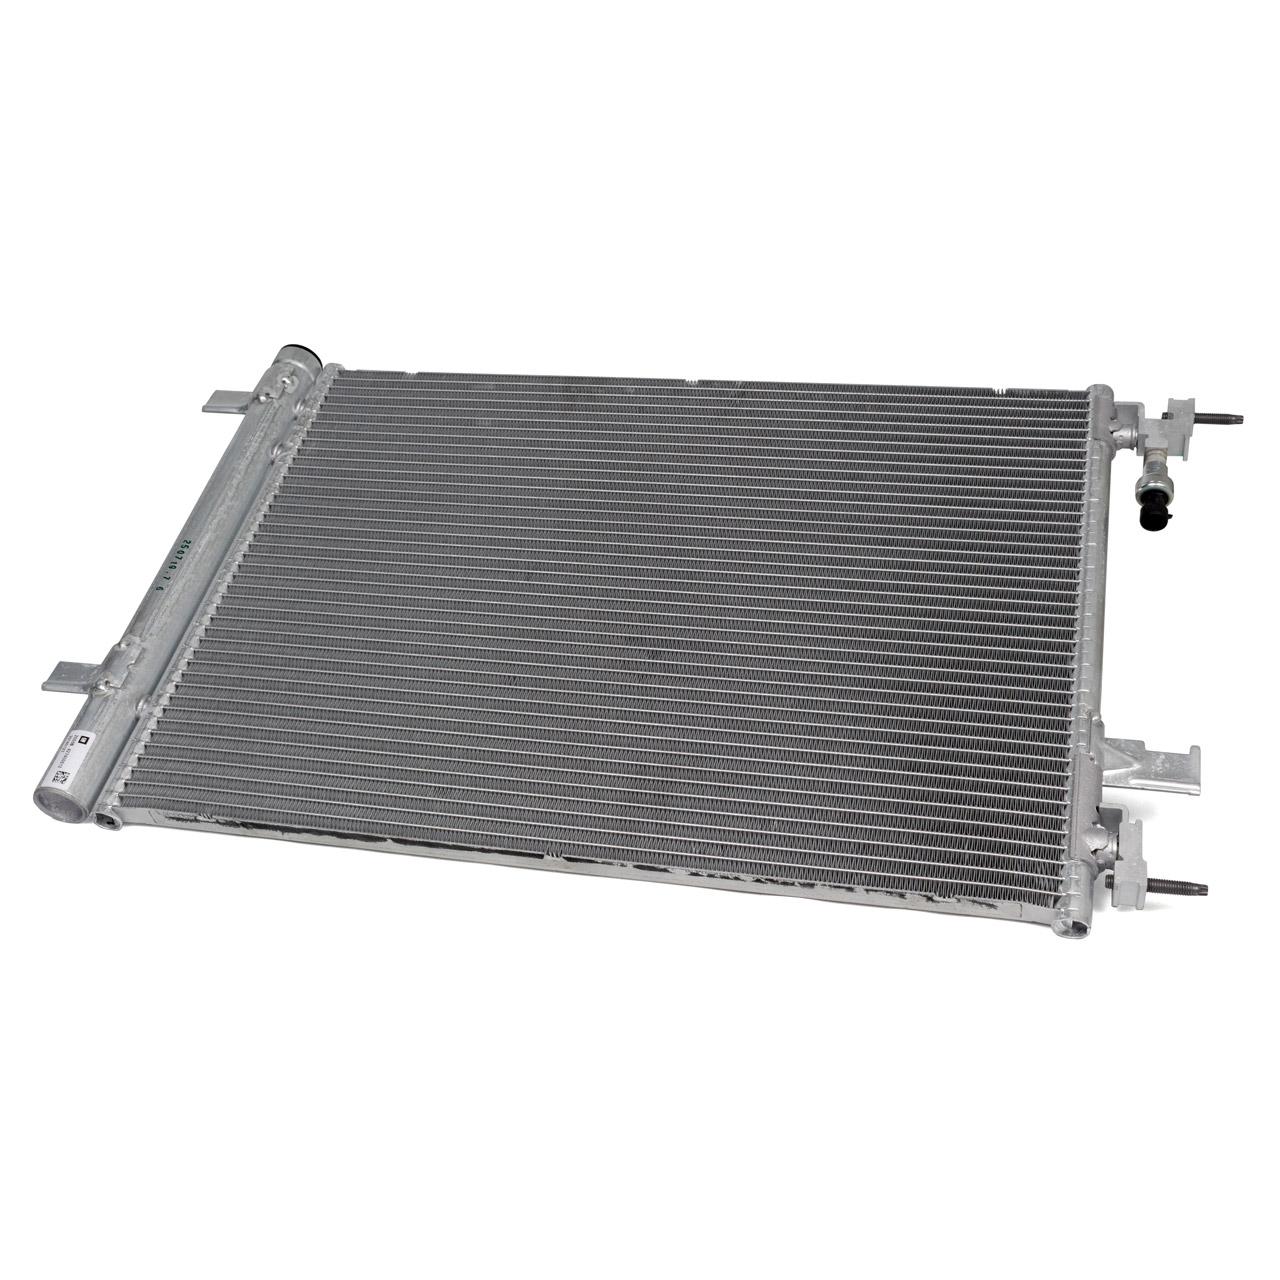 Kondensator Klimakondensator OPEL Astra J Cascada Zafira Tourer C 39140127